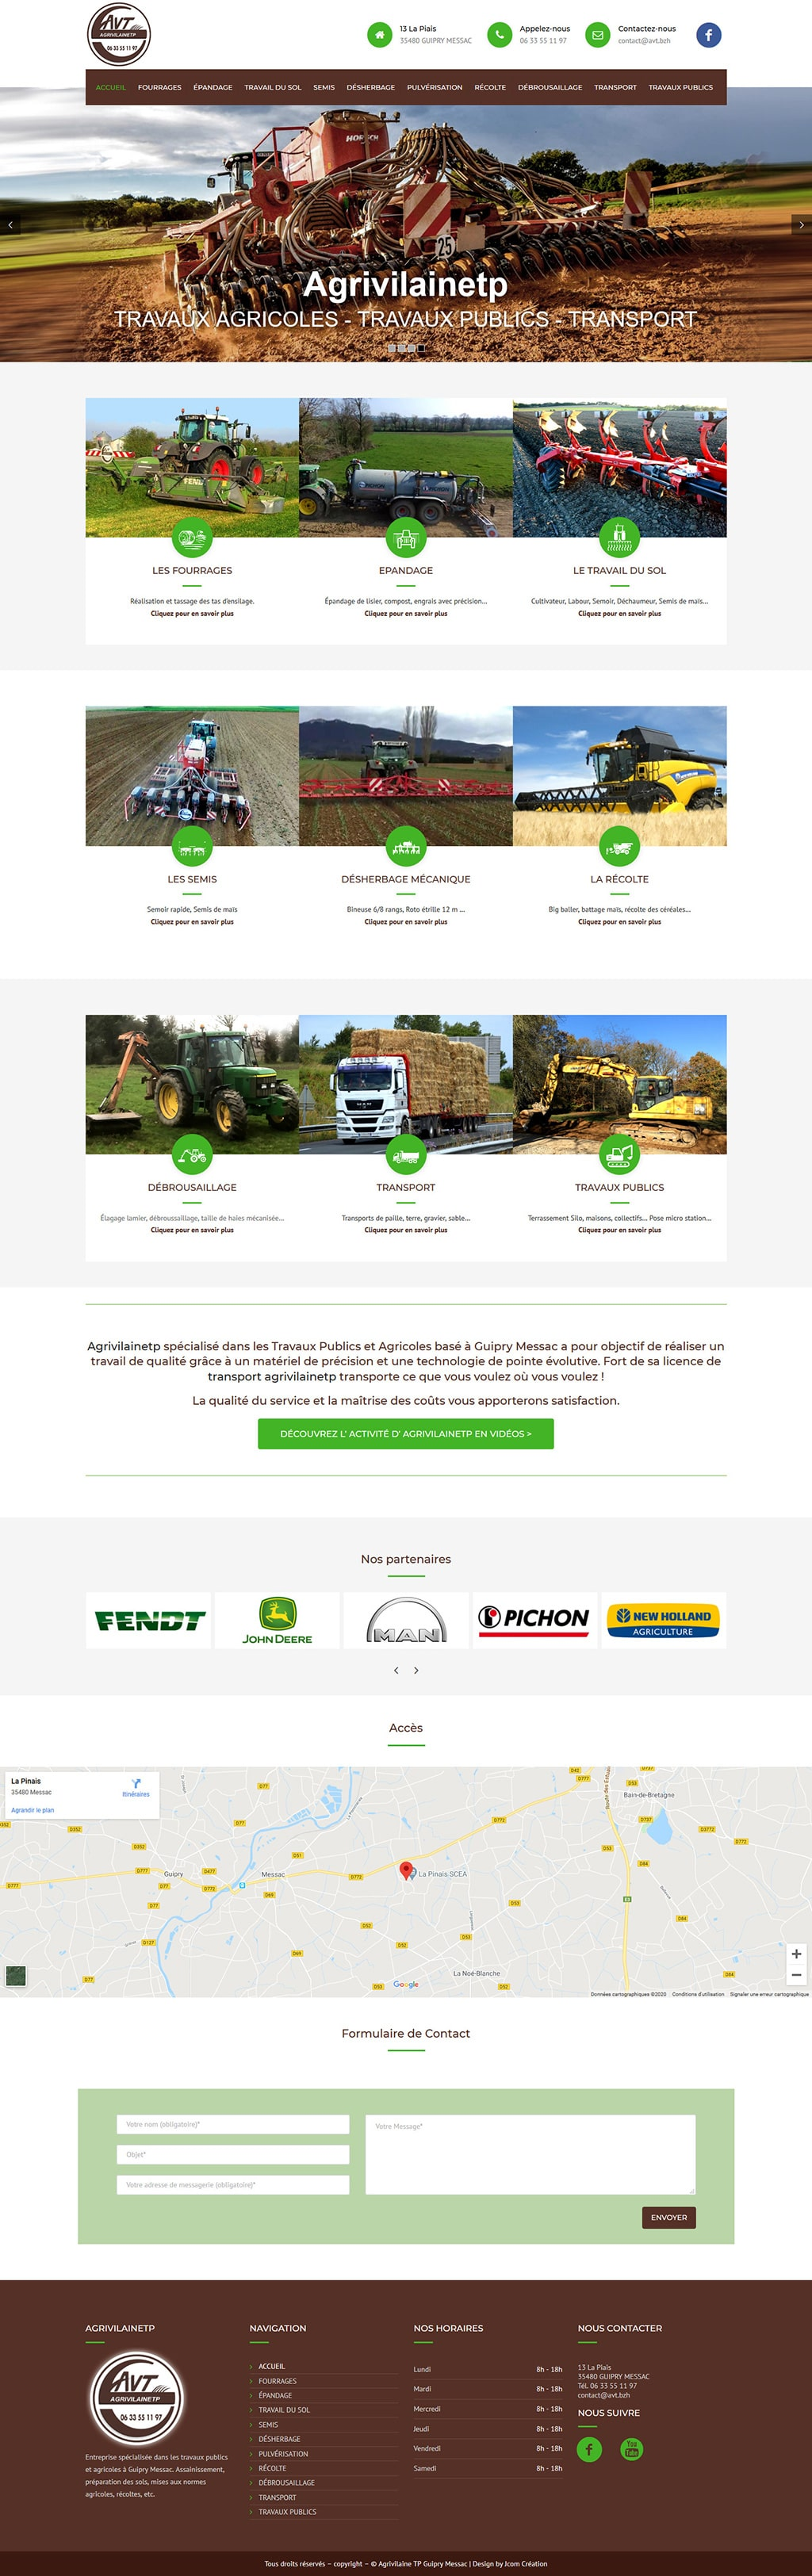 Agrivilainetp-travaux-agricoles,-publics-Guipry-Messac—ACCUEIL